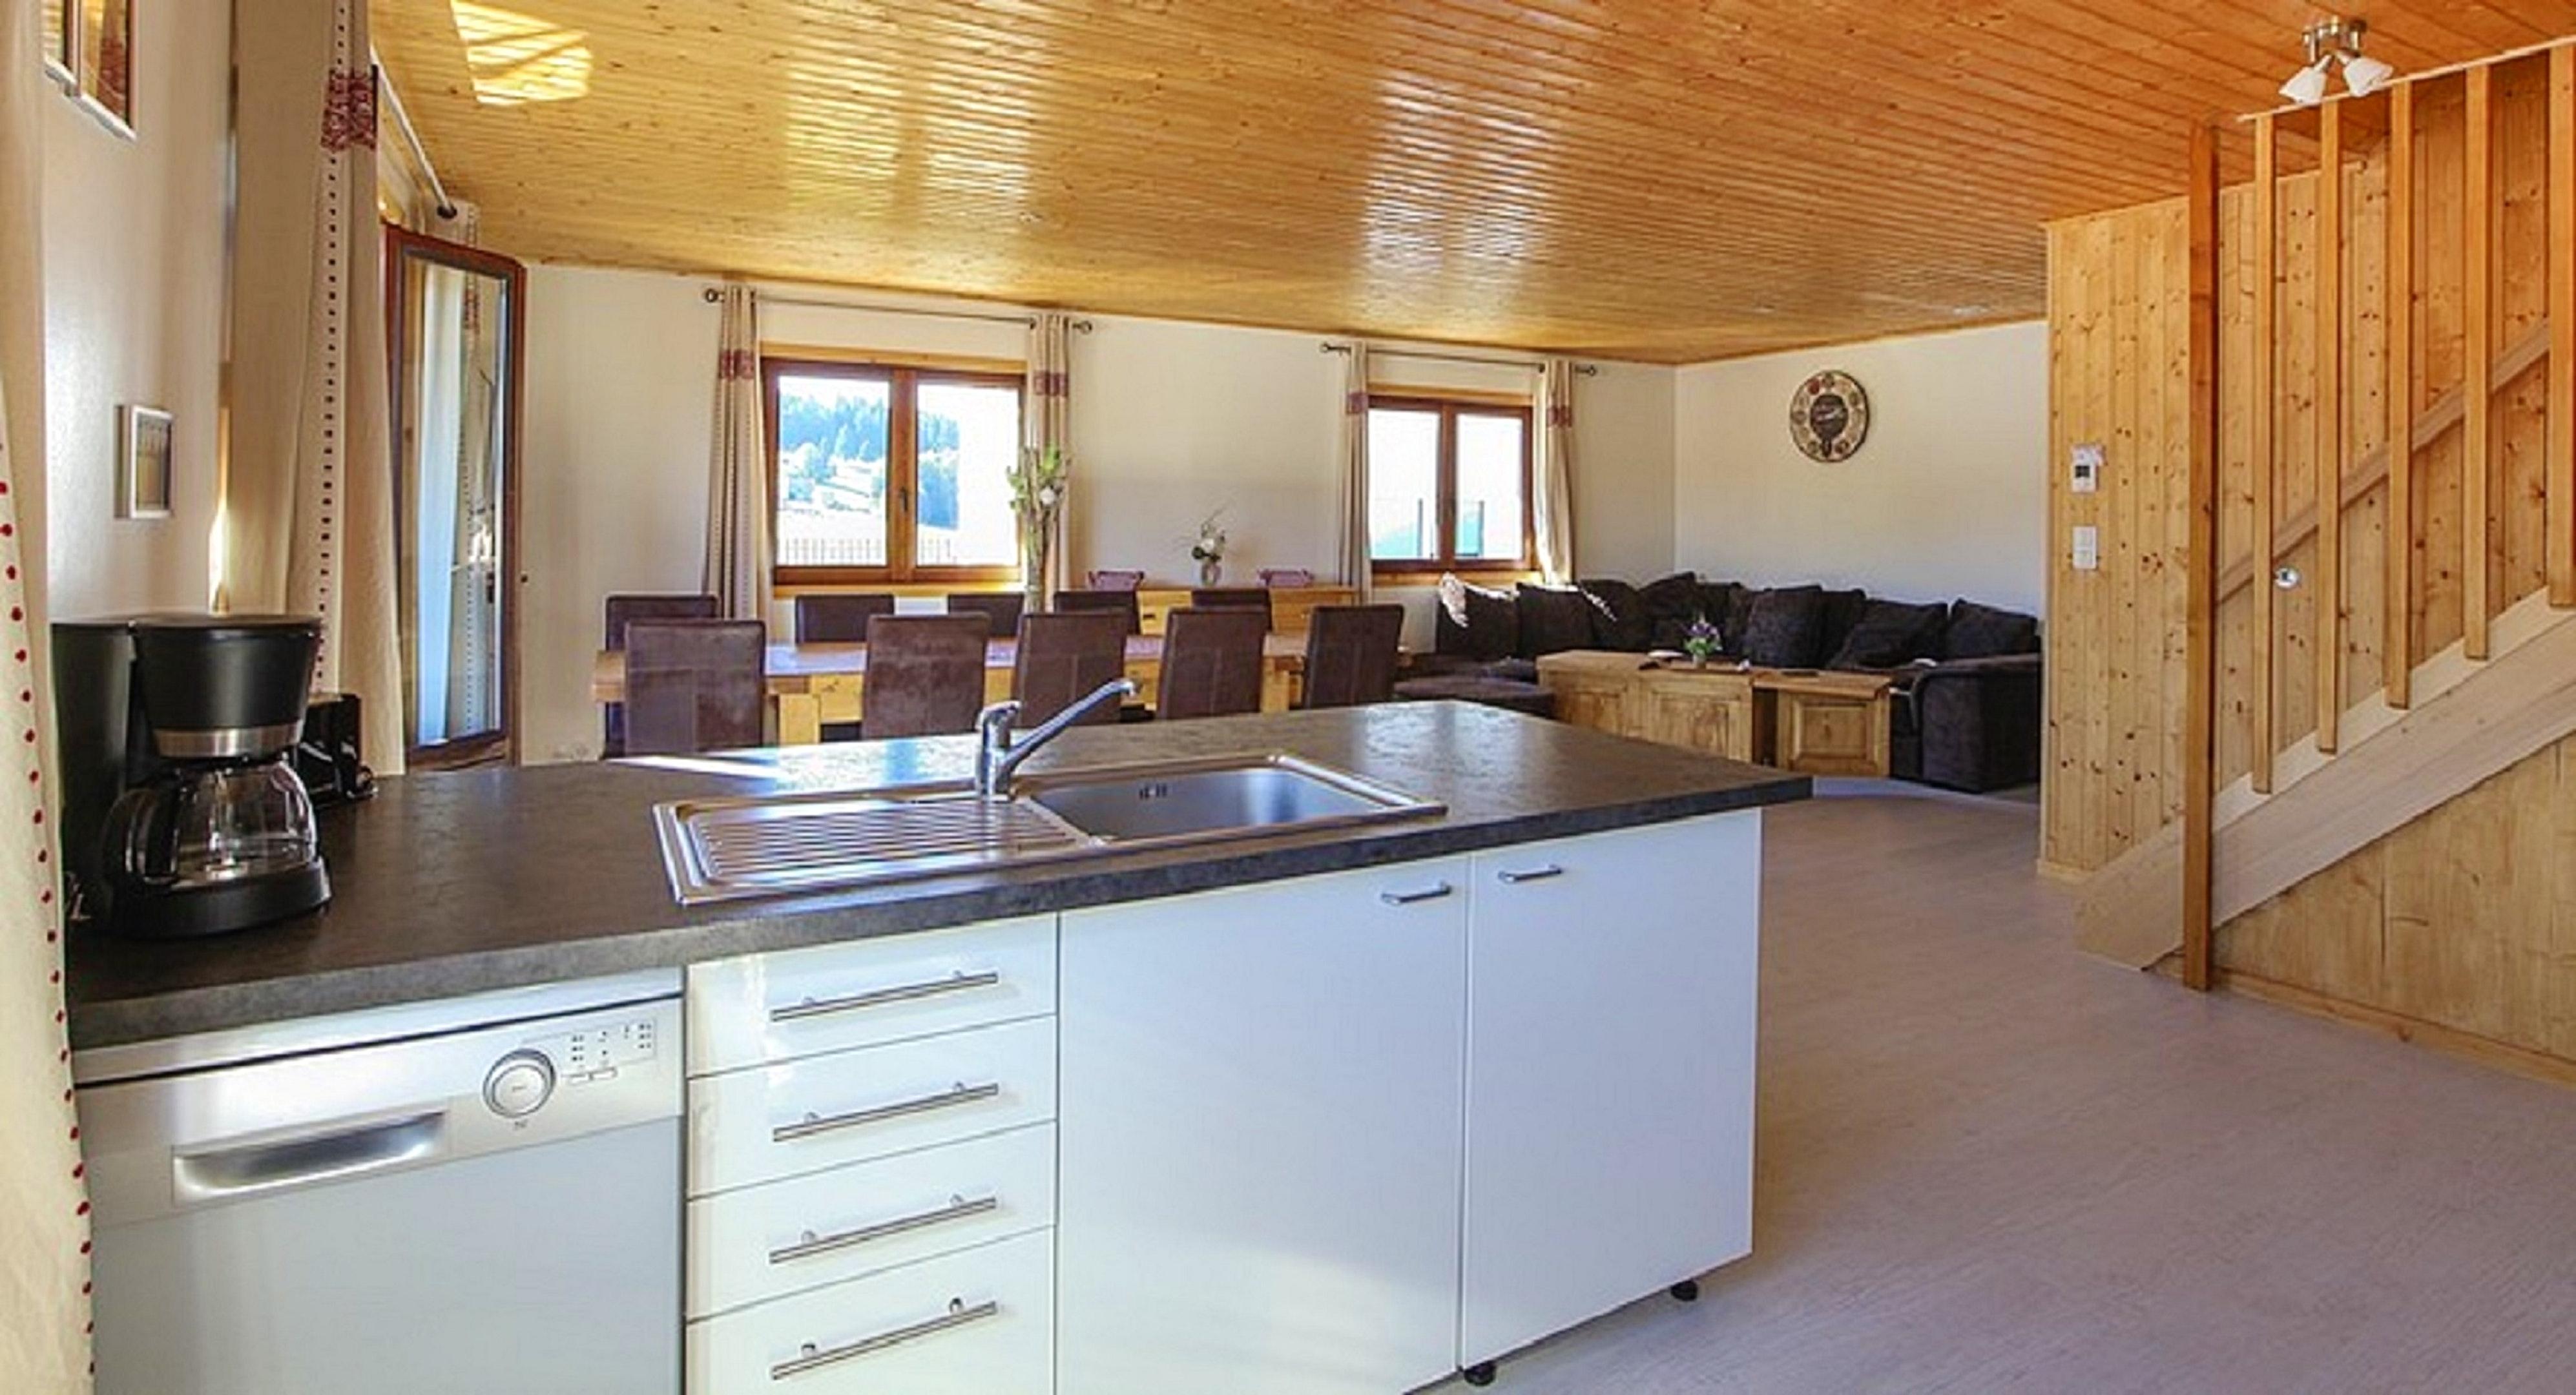 Maison de vacances Hütte mit 7 Schlafzimmern in Les Moussières mit toller Aussicht auf die Berge, möblierter  (2677371), Les Moussières, Jura, Franche-Comté, France, image 24